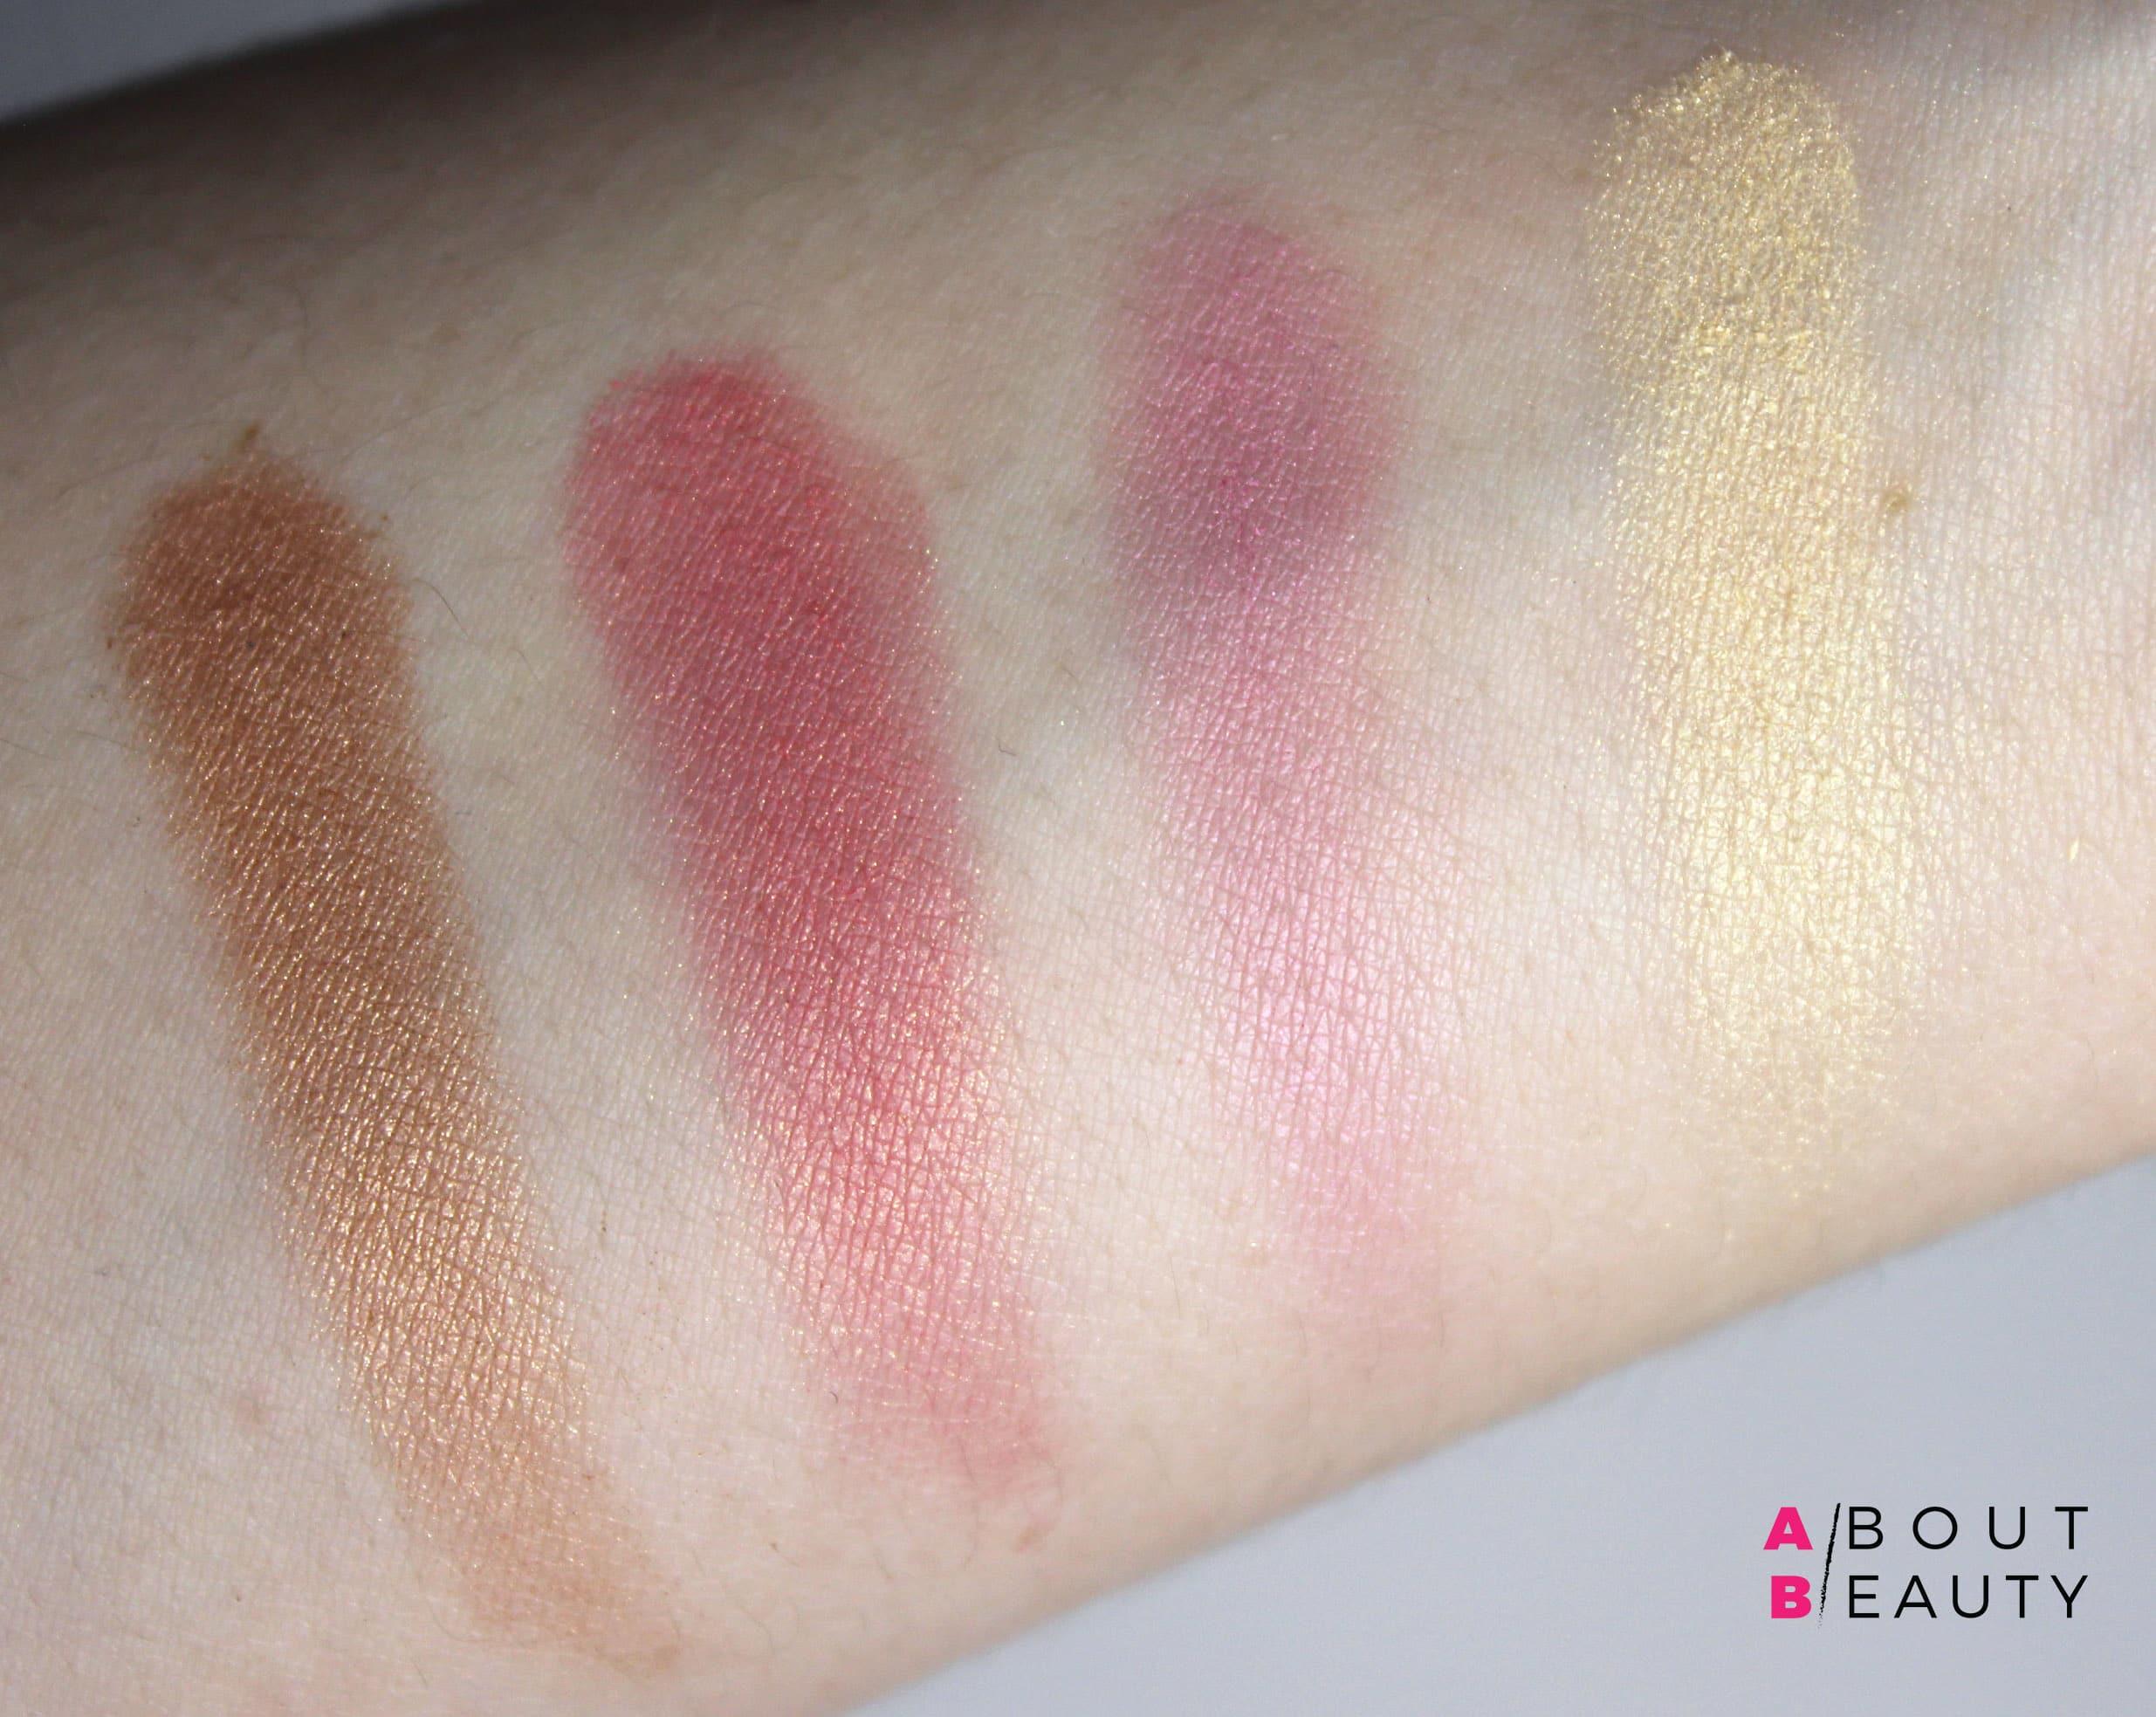 MAC Fruity Juicy Pearlmatte Face Powder - Review, Swatch, opinioni e comparazioni della polvere viso Pearlmatte Face Powder Oh My Passion! in limited edition